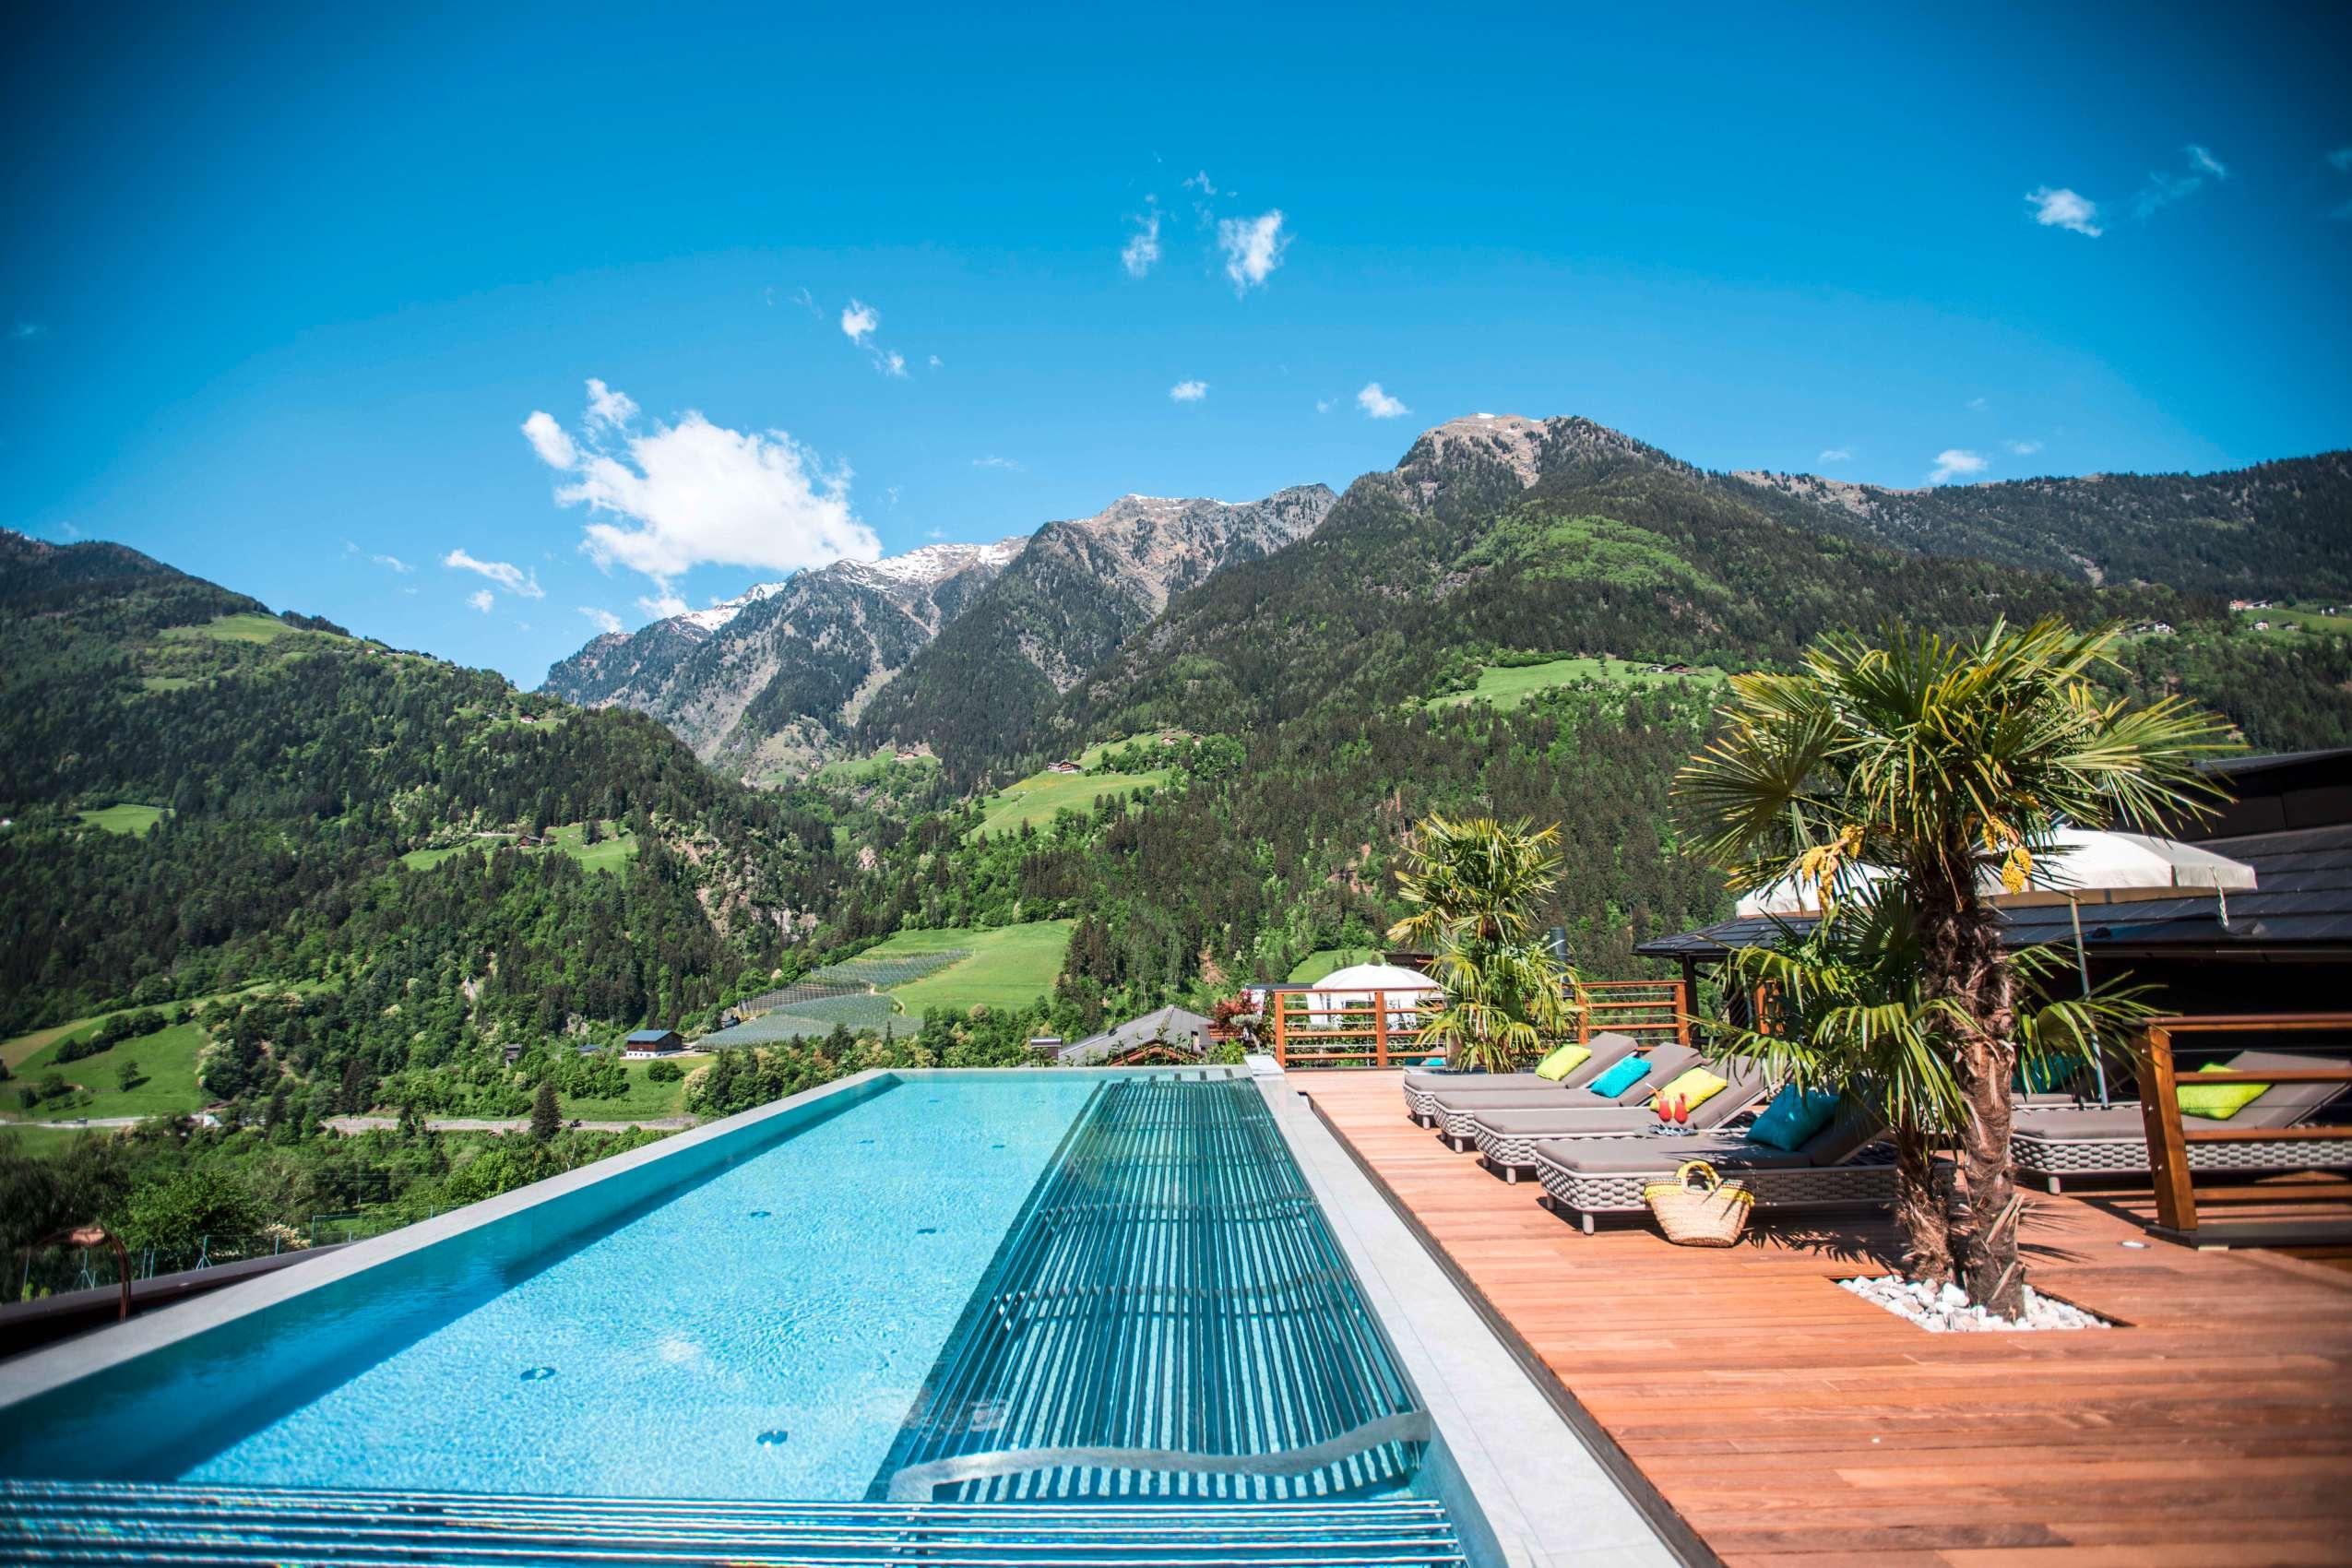 Palmen am Pool geben dem Rooftop-Pool ein mediterranes Ambiente.